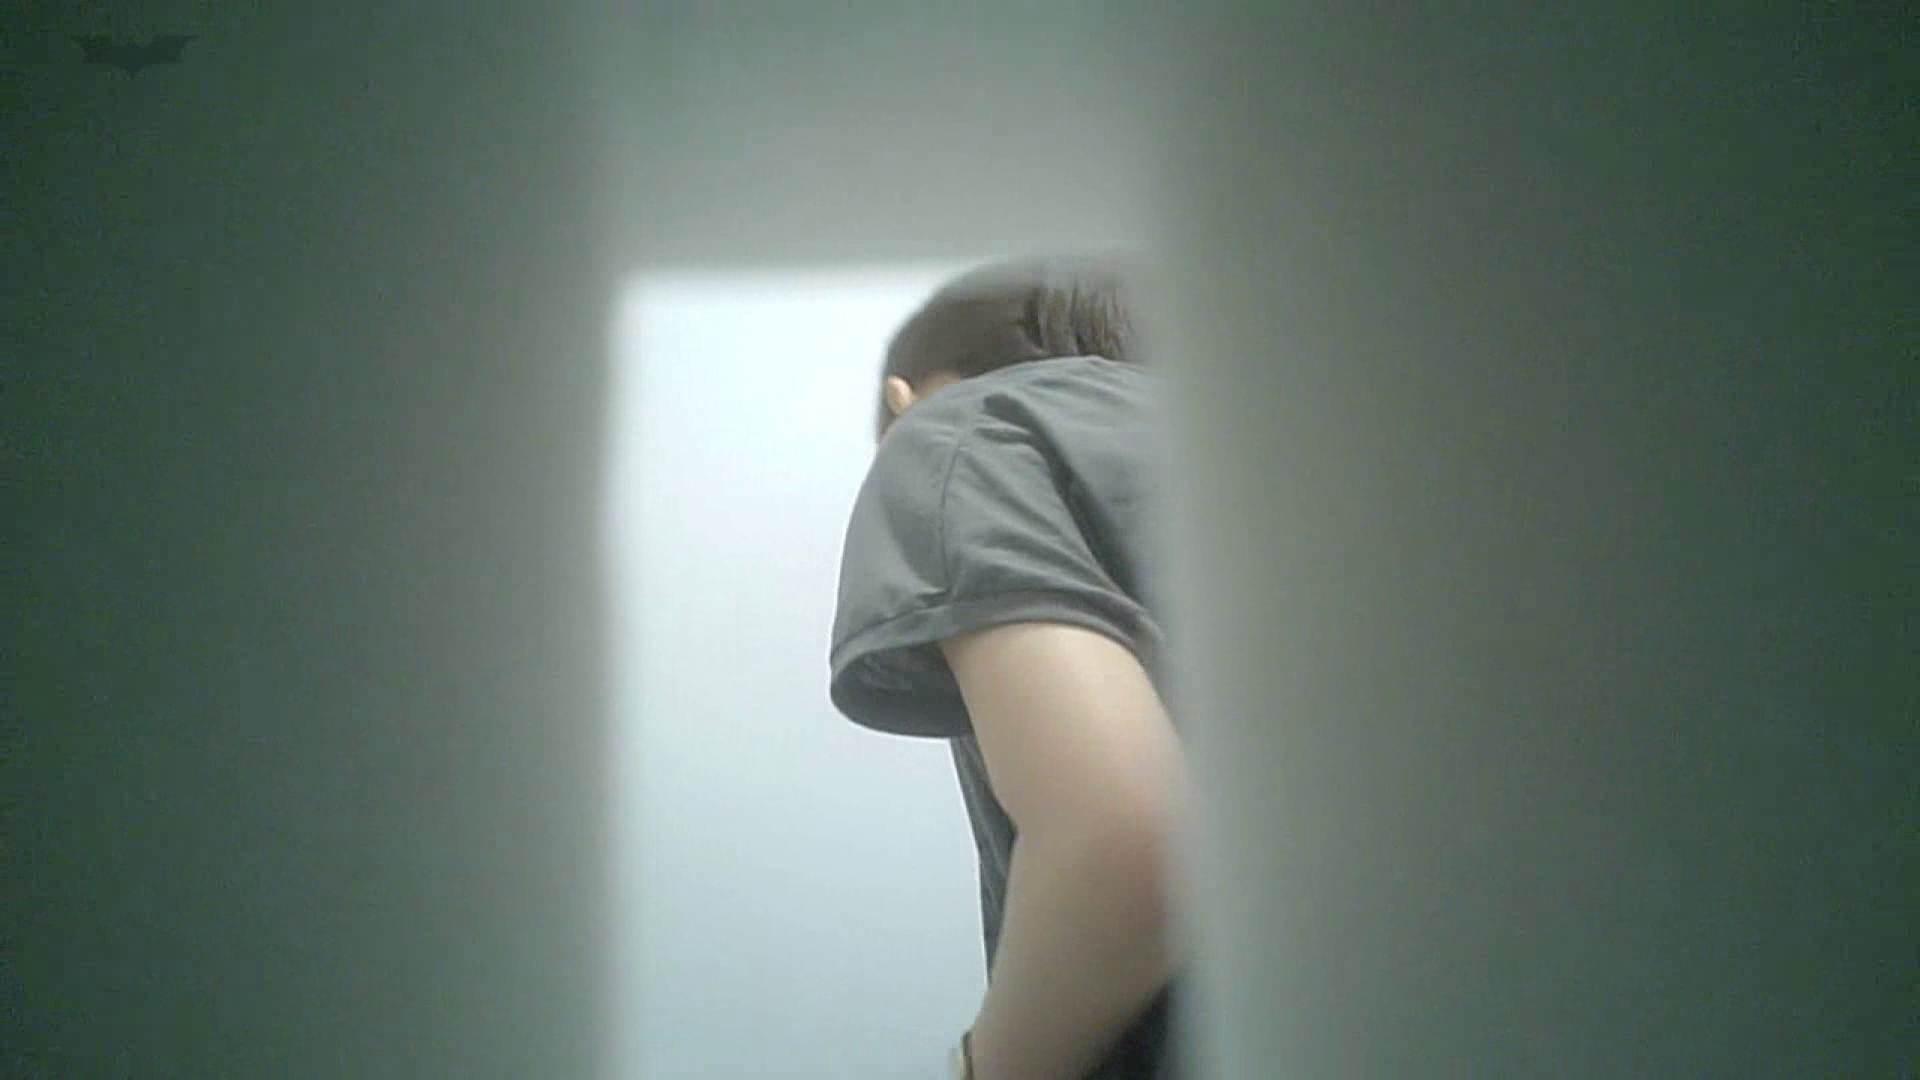 有名大学女性洗面所 vol.45 冴え渡る多方向撮影!職人技です。 潜入  98pic 49